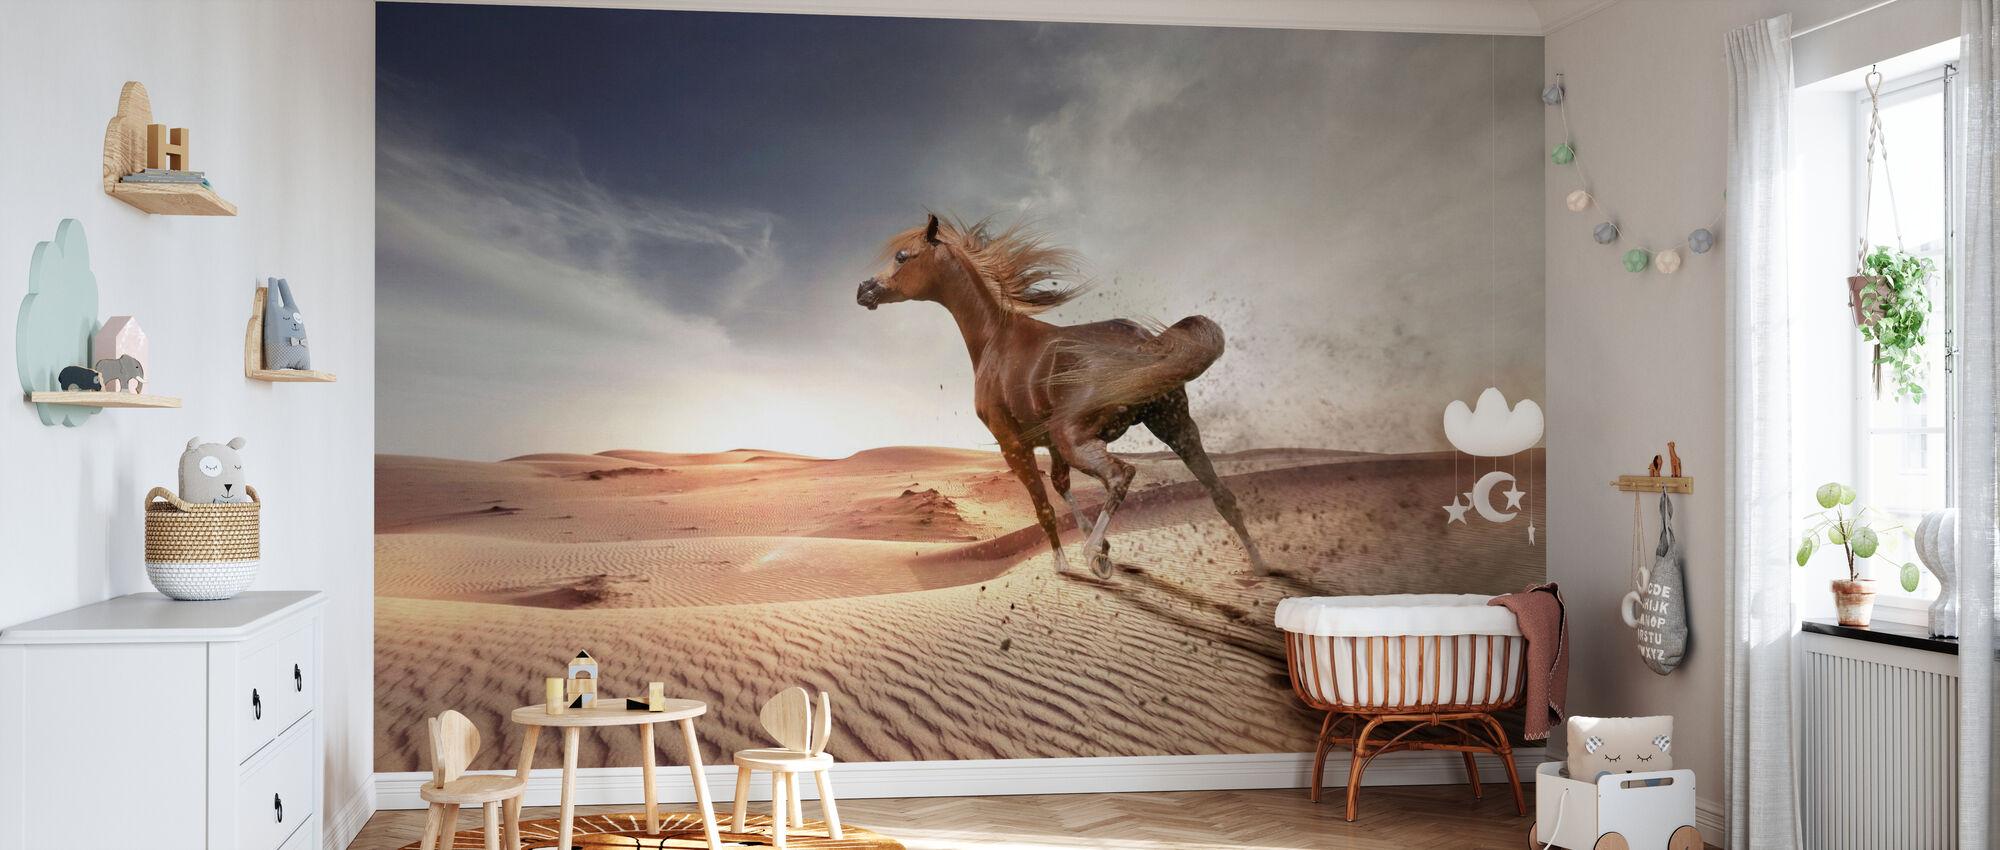 Running Horse in the Desert - Wallpaper - Nursery